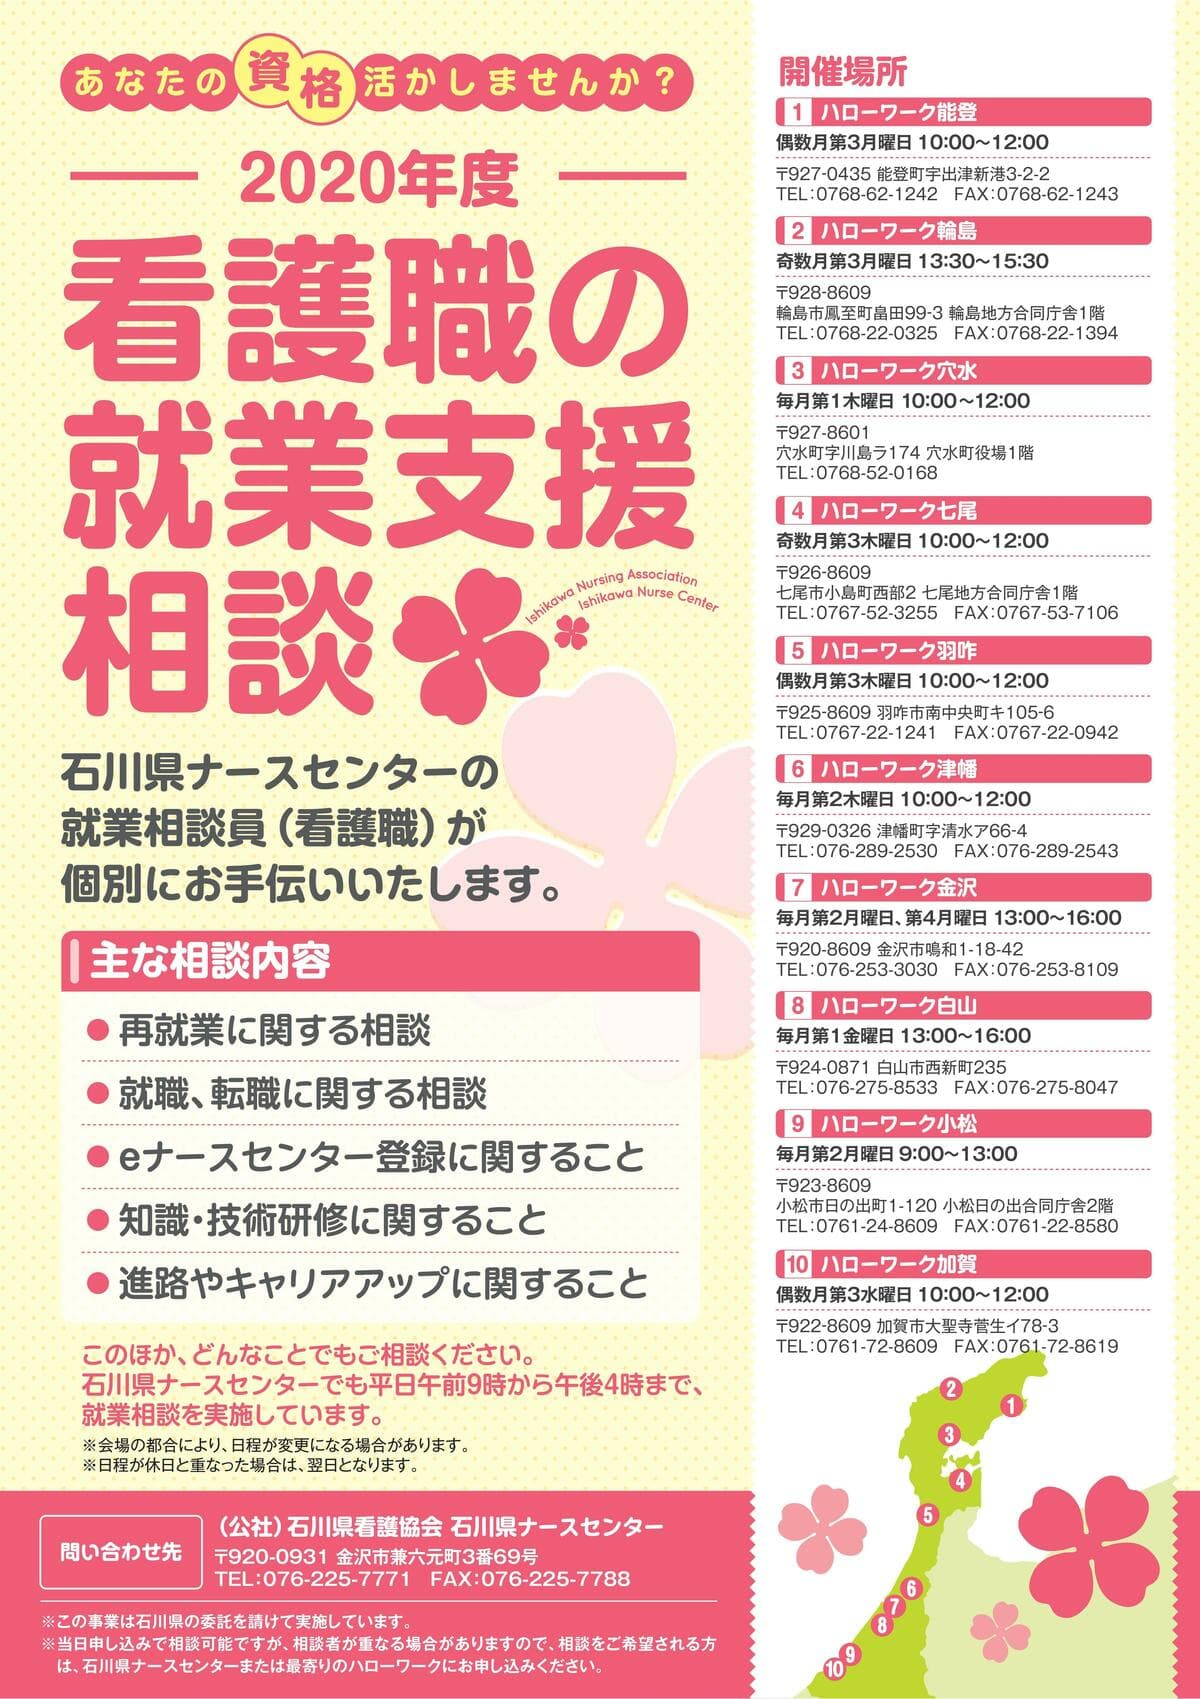 石川県看護協会ナースセンターの看護師向けの無料就業支援相談